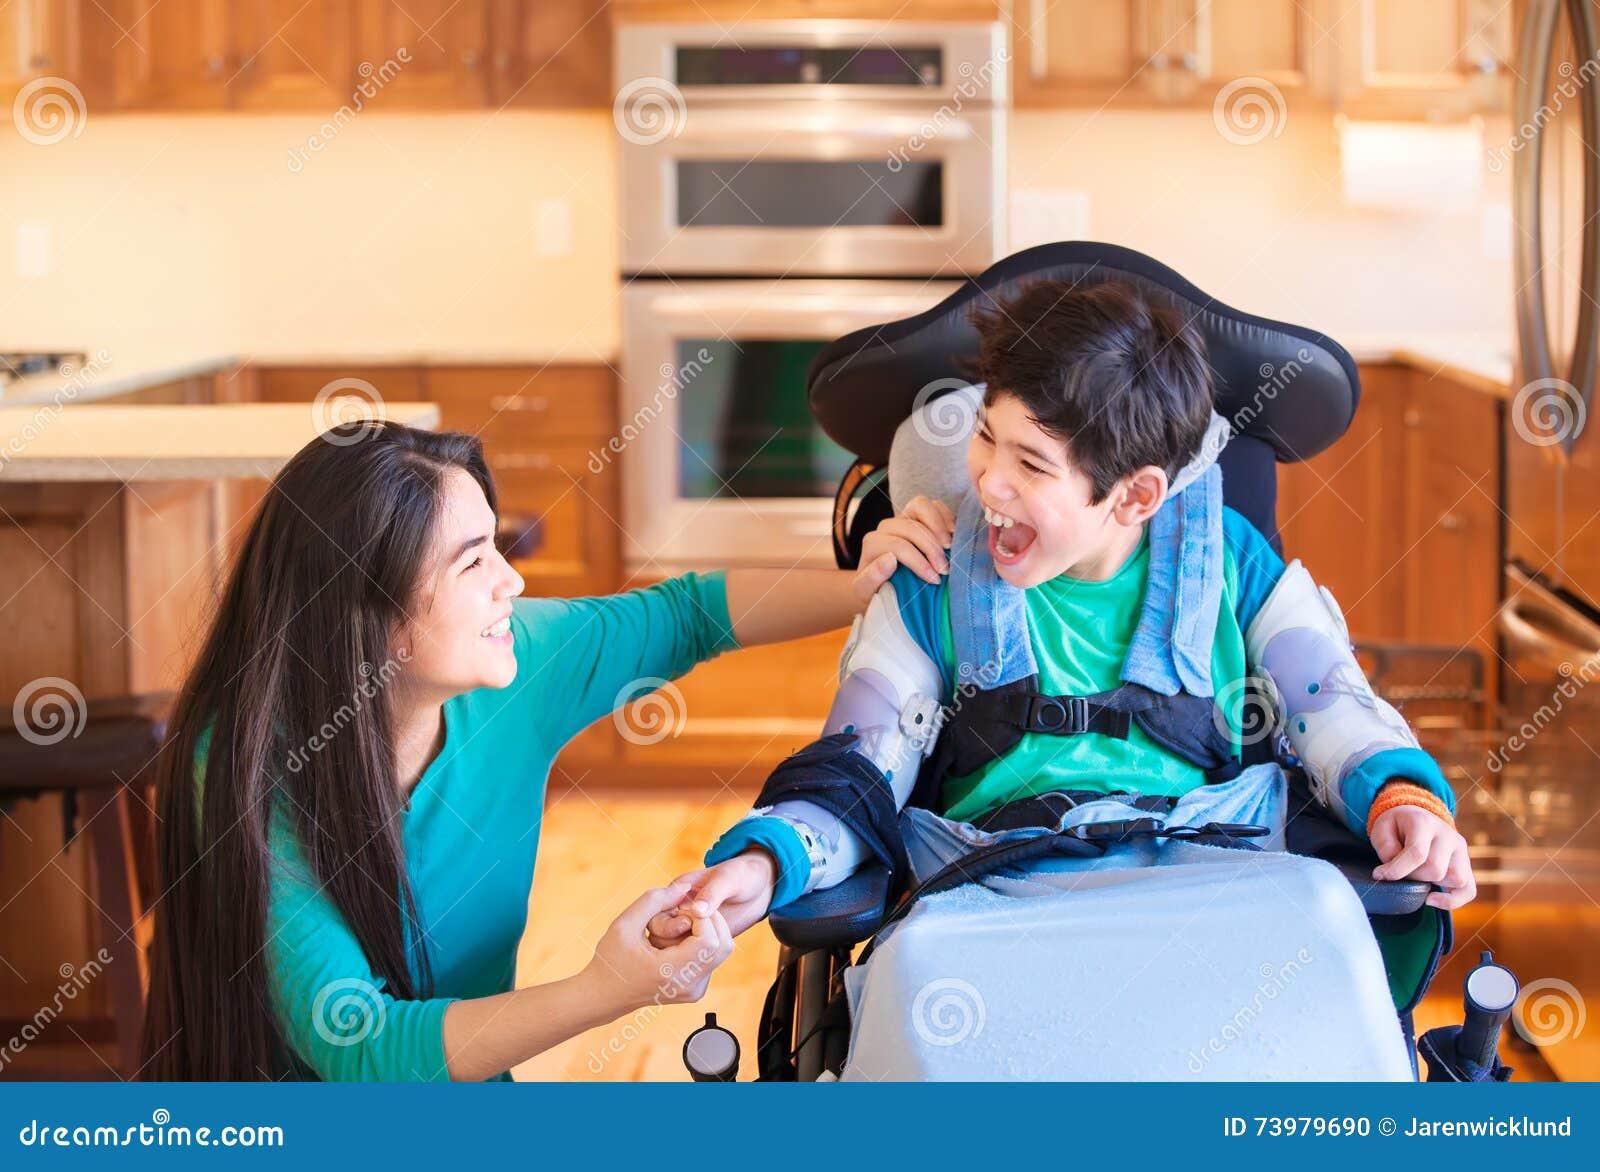 Behinderter Junge im Rollstuhl lachend mit jugendlich Schwester in der Küche